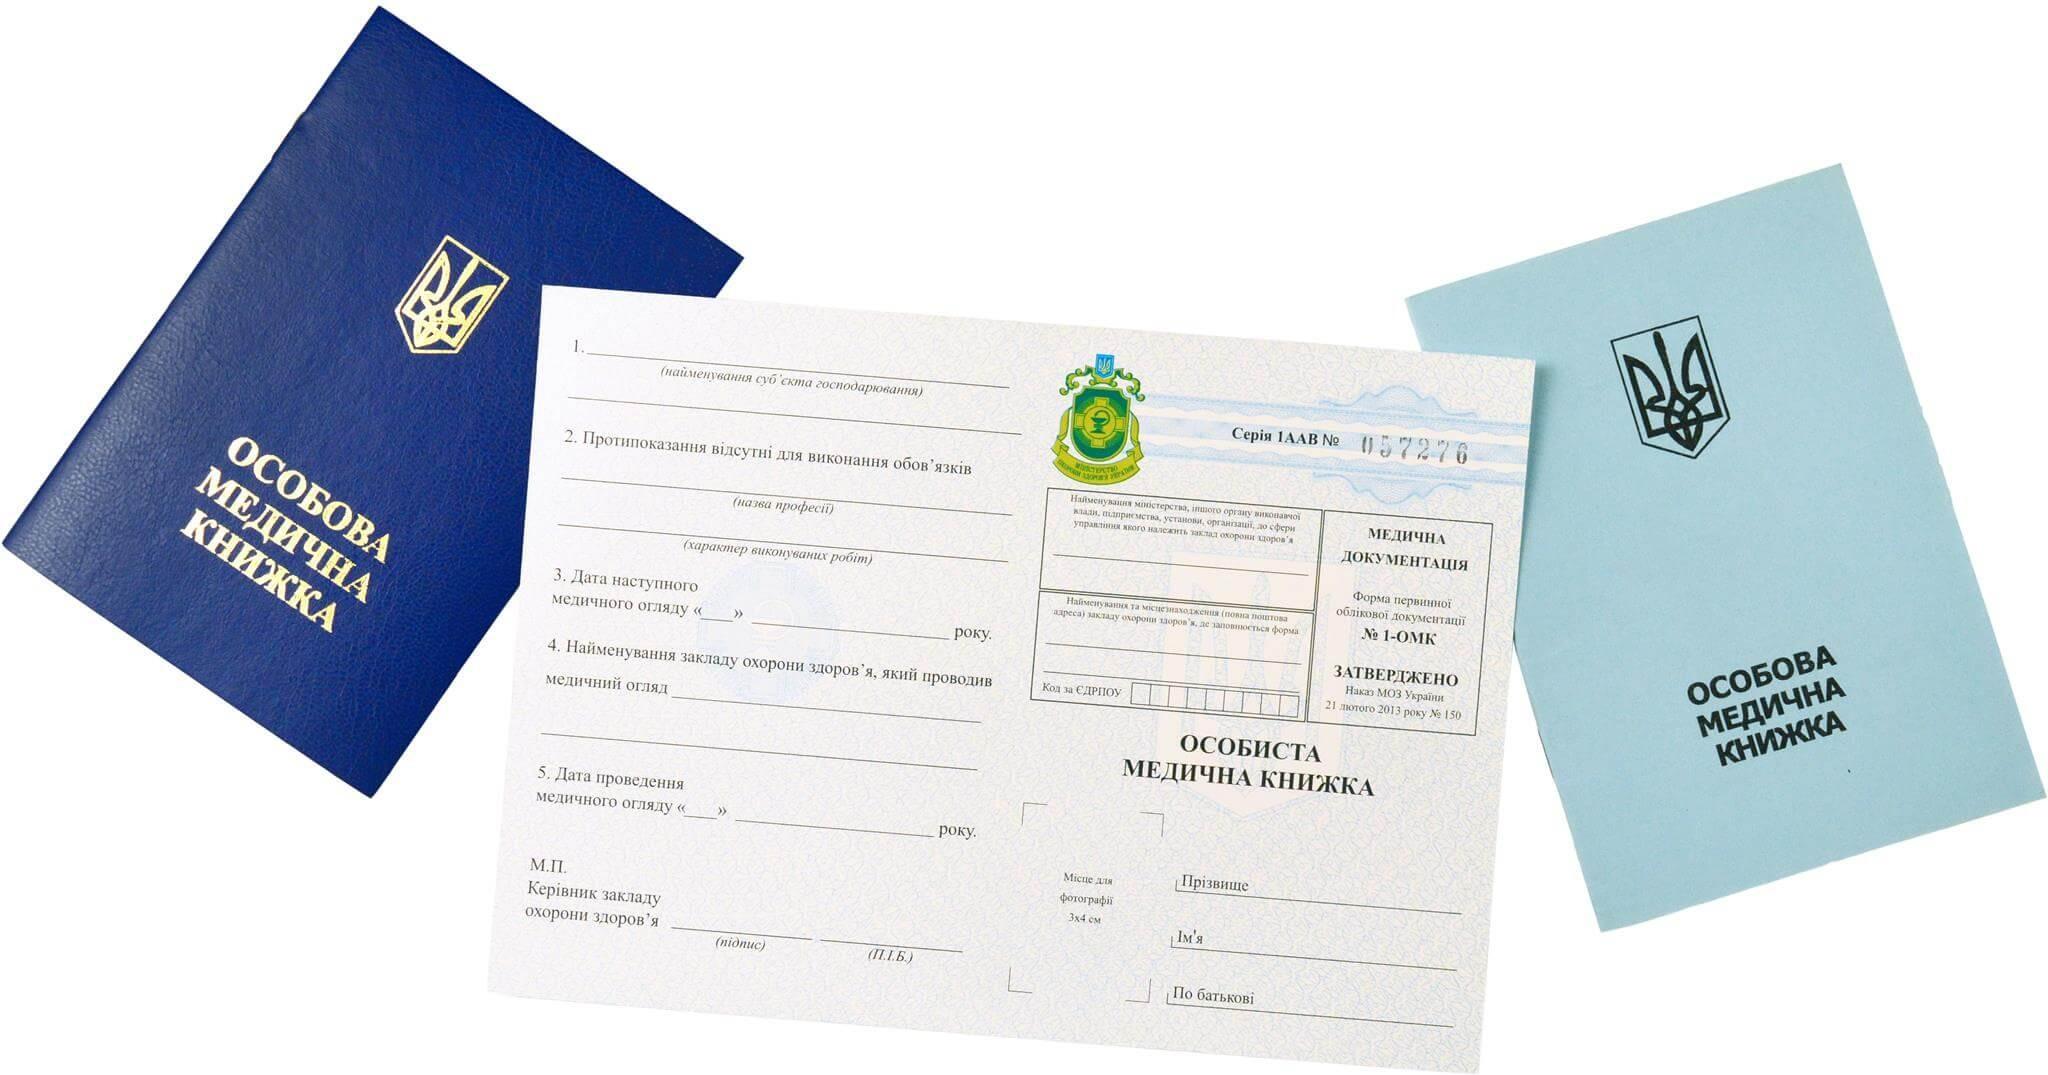 Медицинские книжки бланки купить документы для временной регистрации в москве мфц